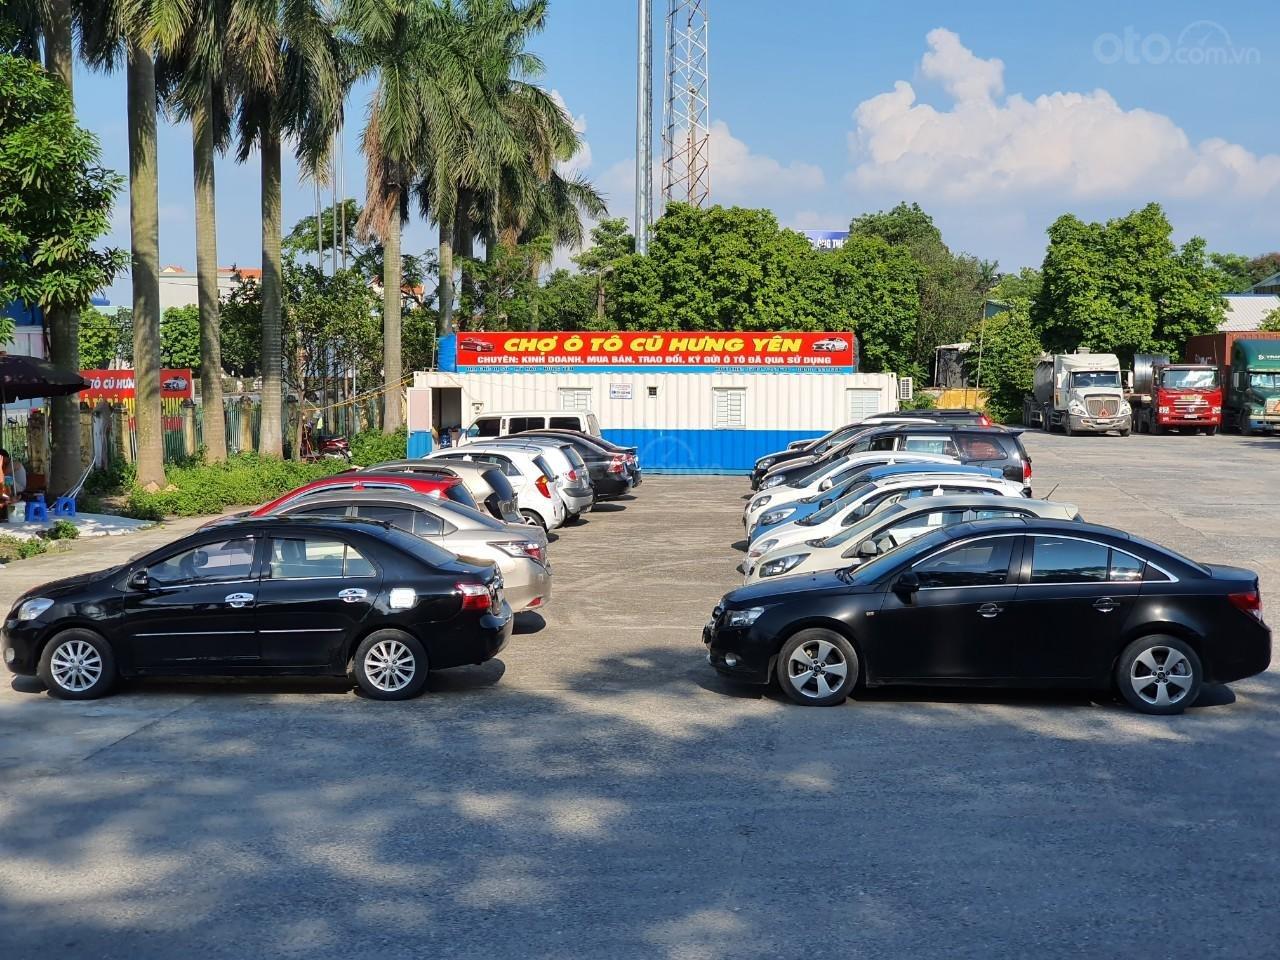 Chợ Ô tô cũ Hưng Yên (2)